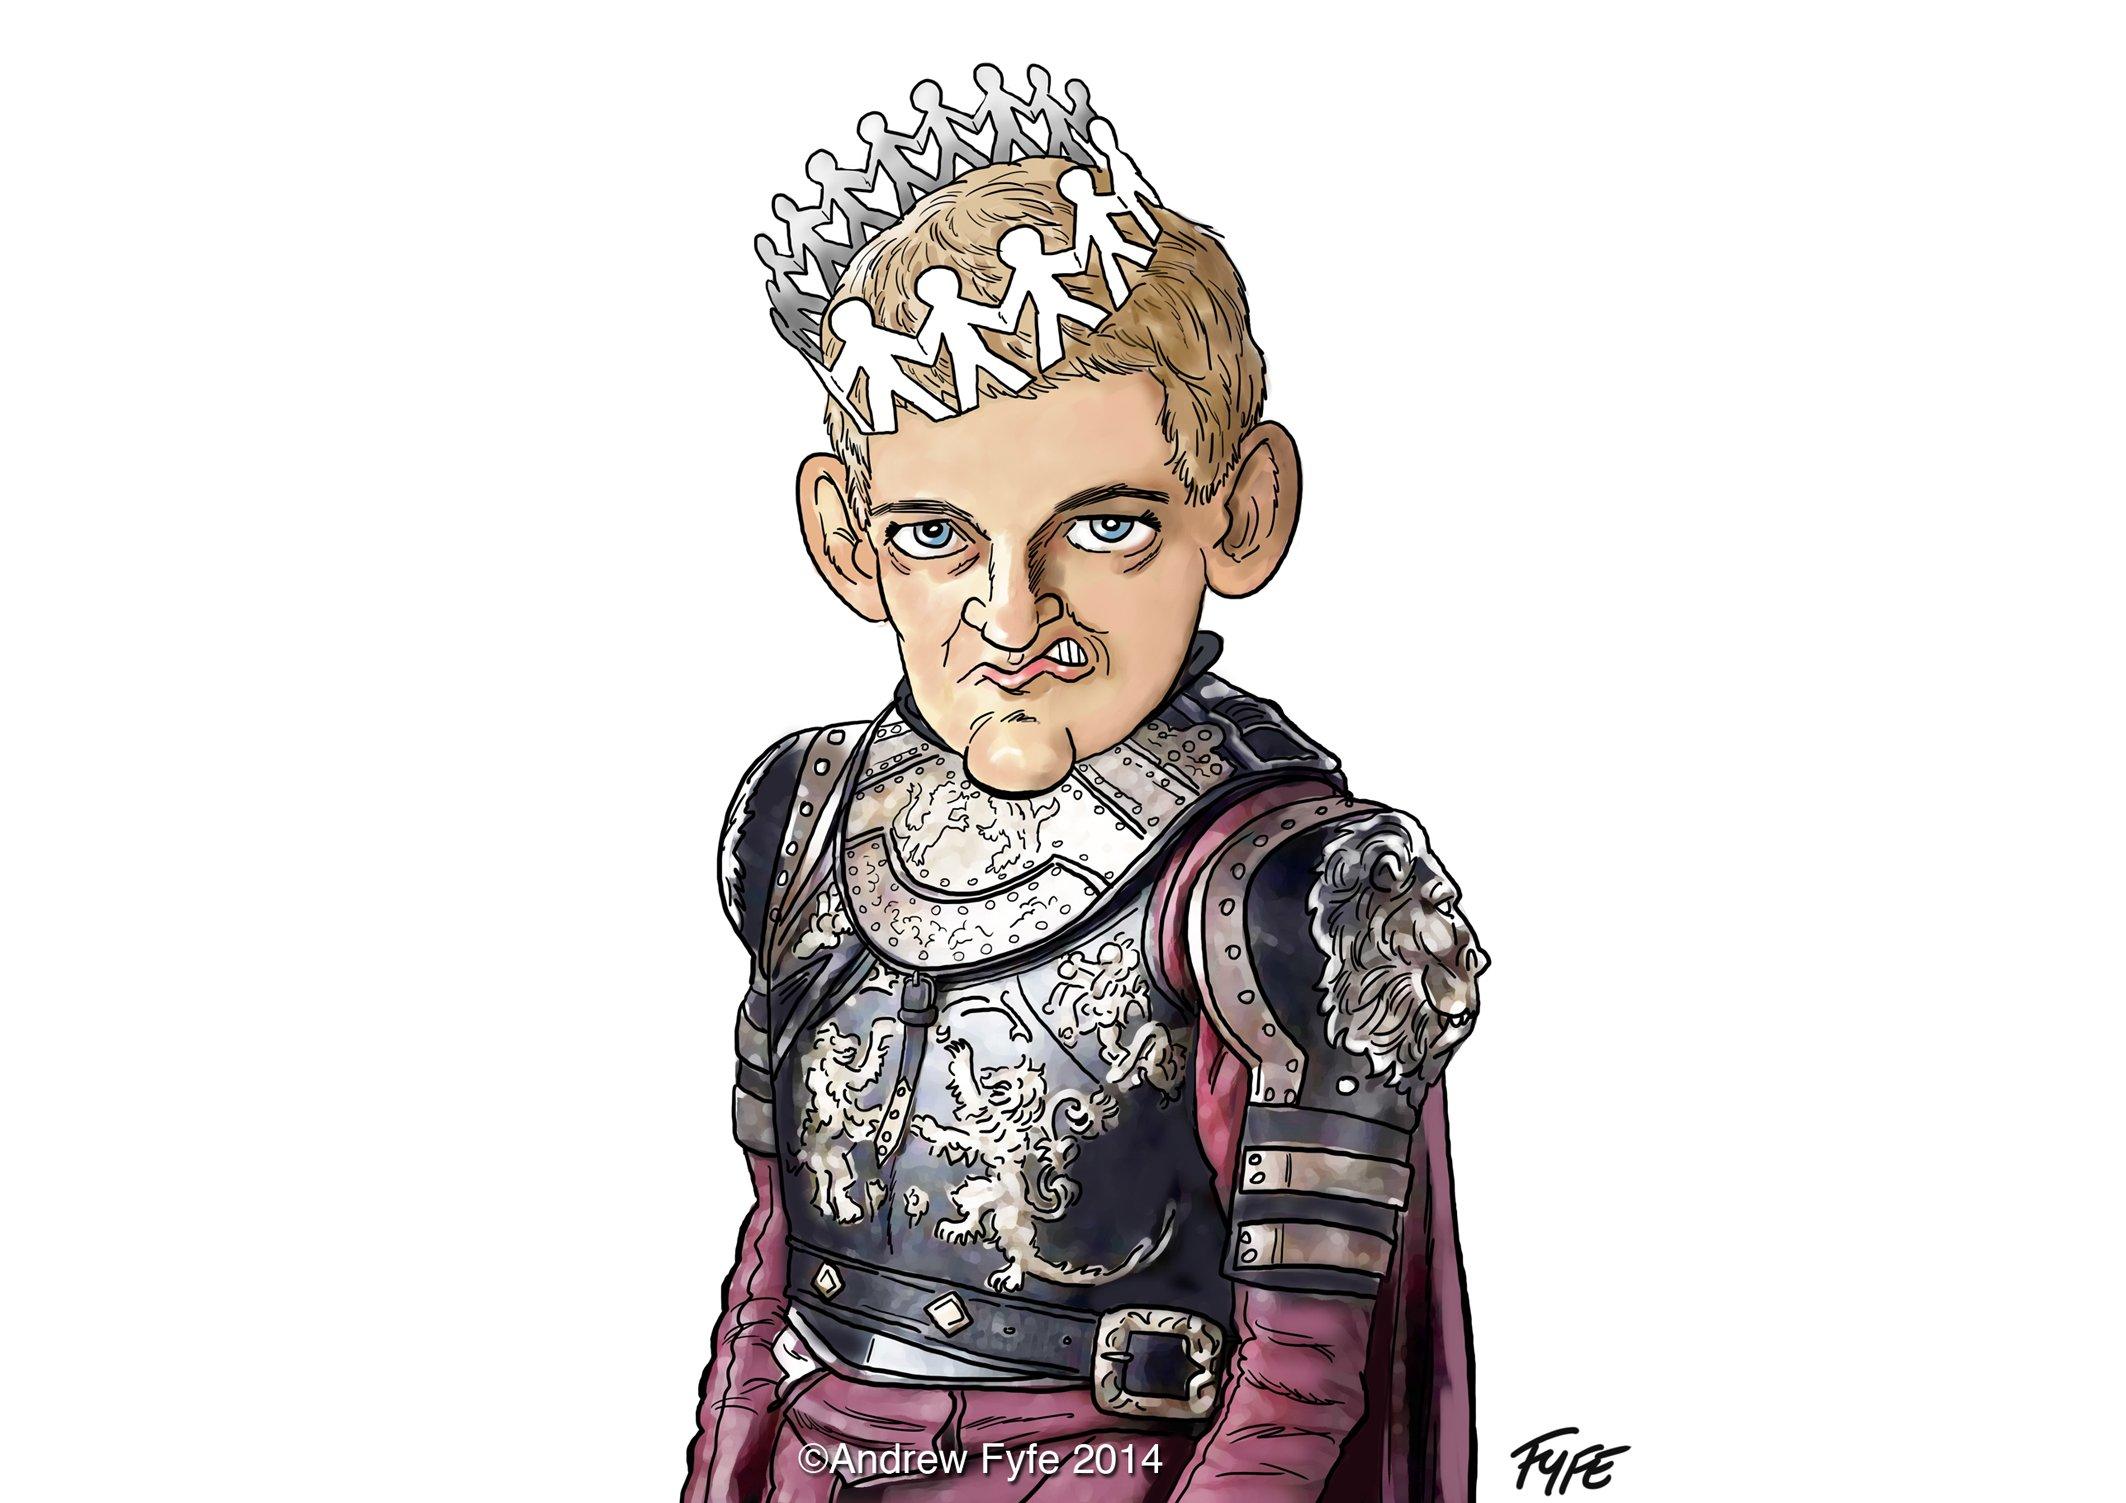 Joffrey Baratheon caricature, Joffrey Baratheon cartoon, Joffrey Baratheon, King Joffrey, Game of Thrones, Game of Thrones caricature, Game of Thrones cartoon, Andrew Fyfe,